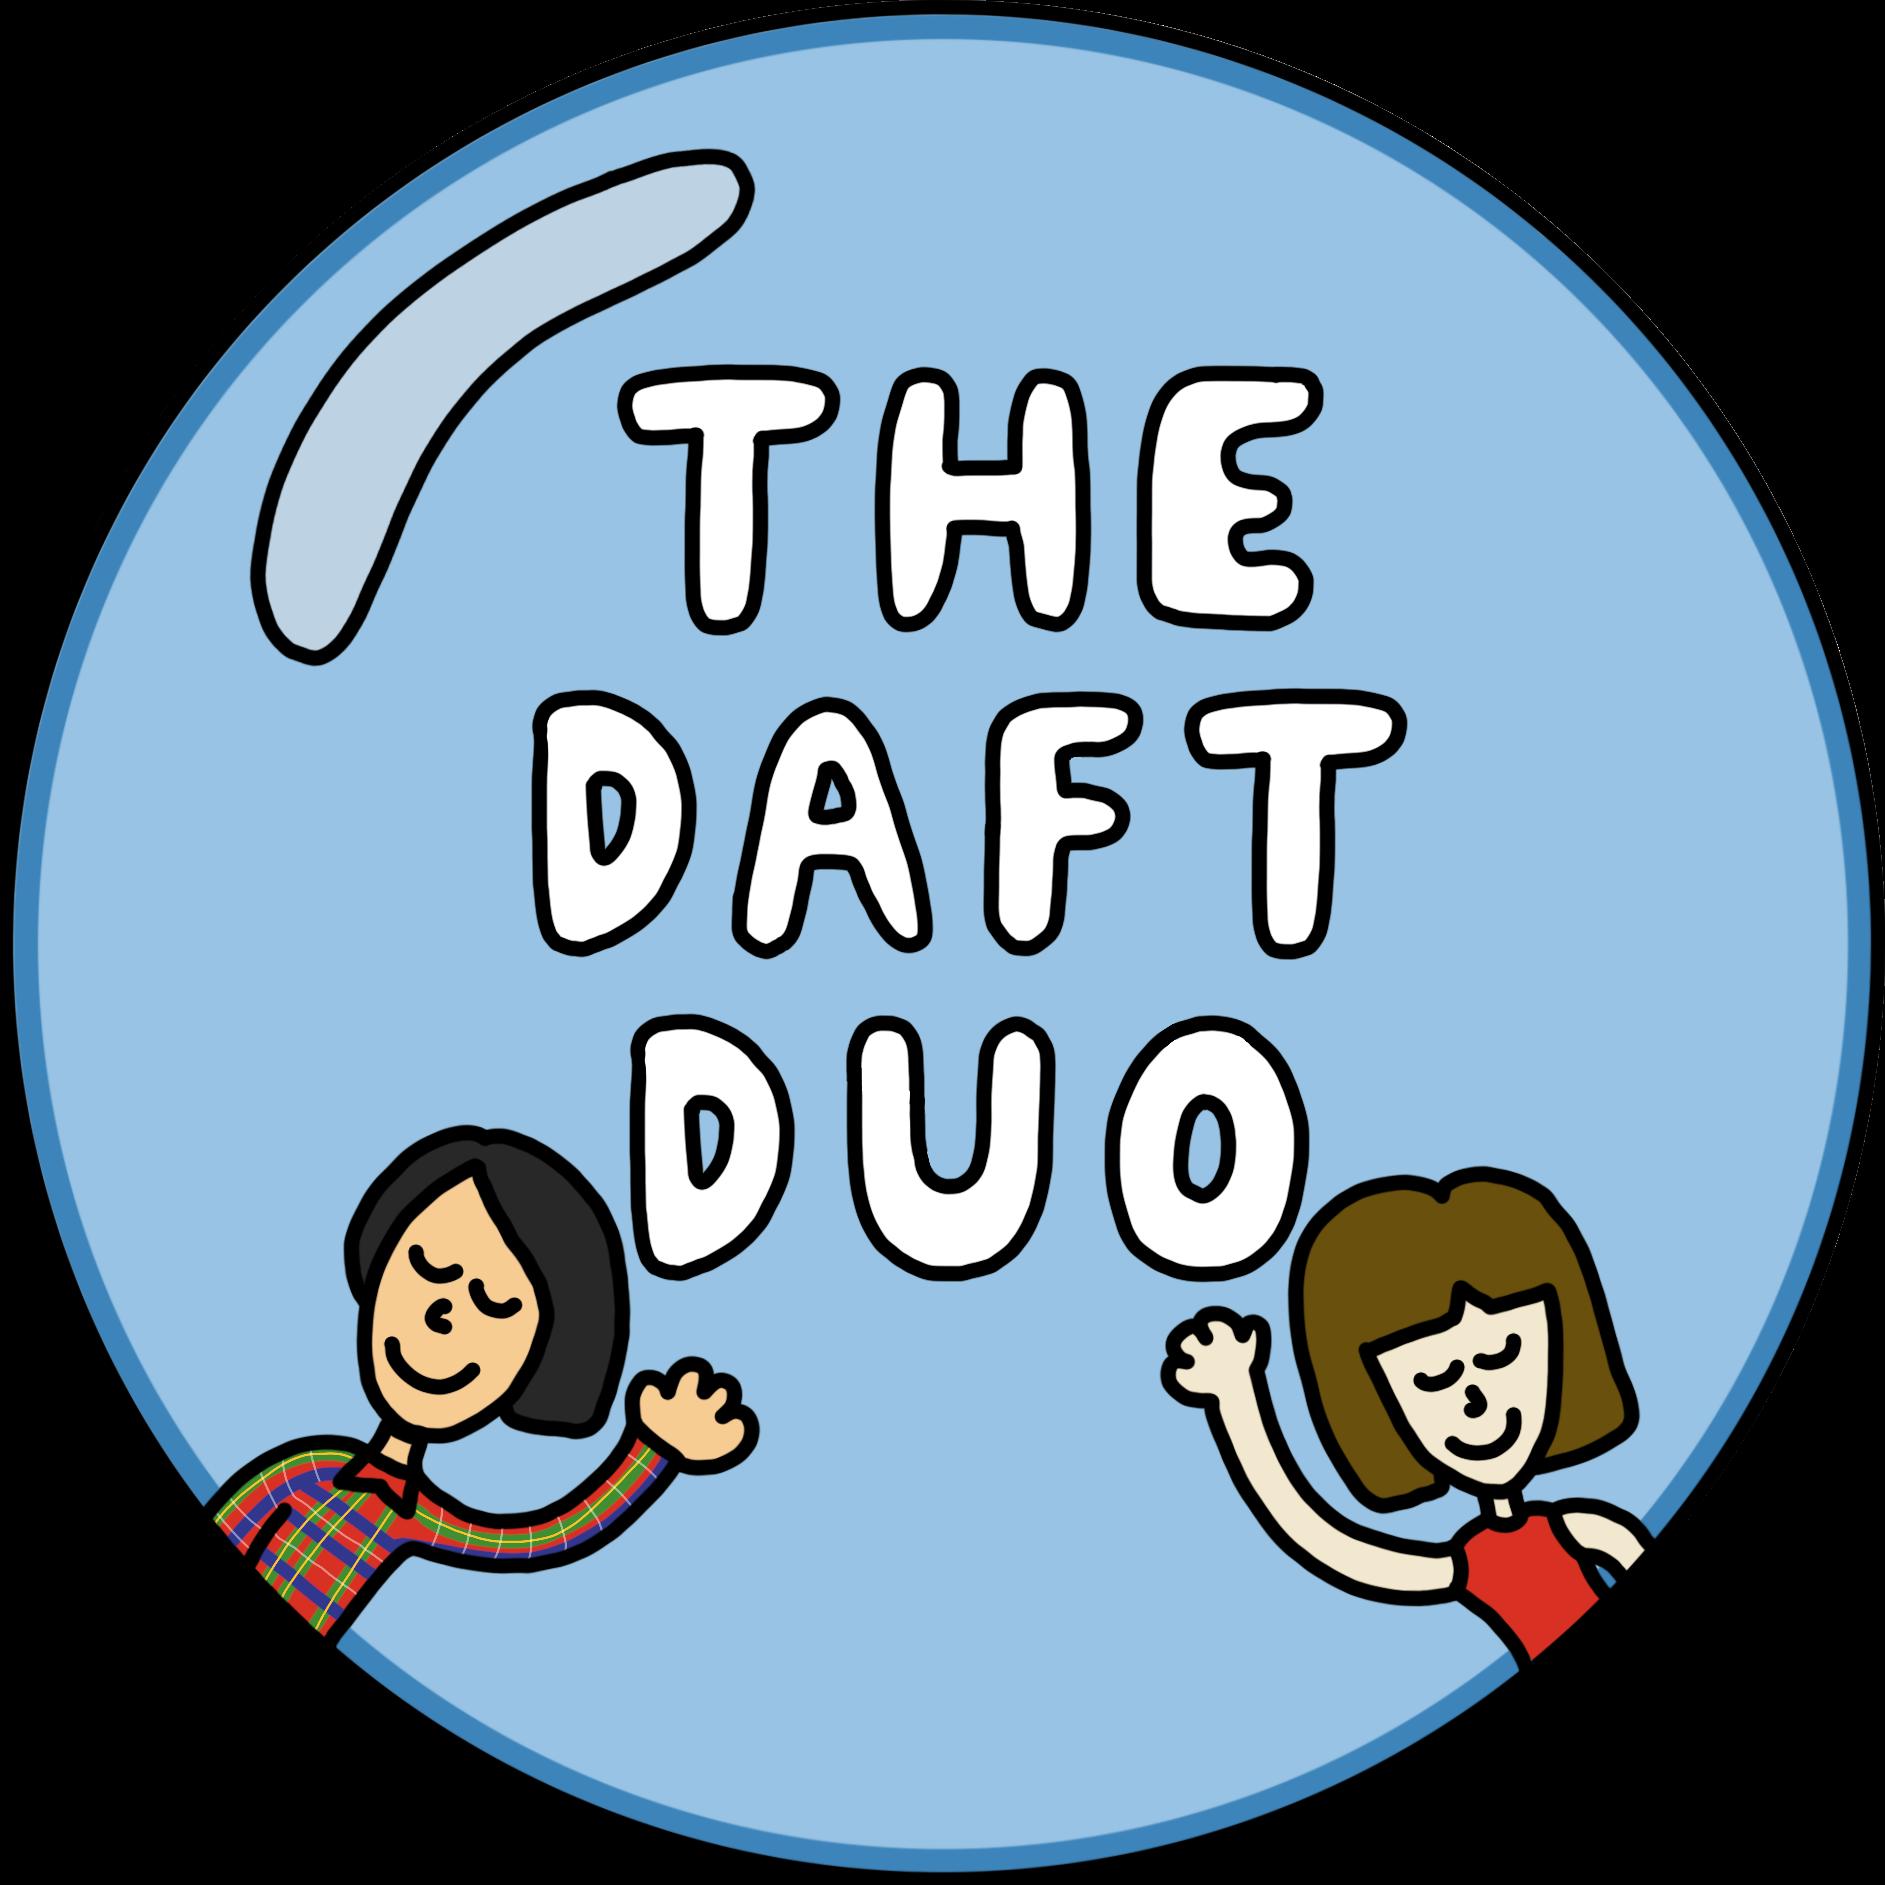 the daft duo logo.